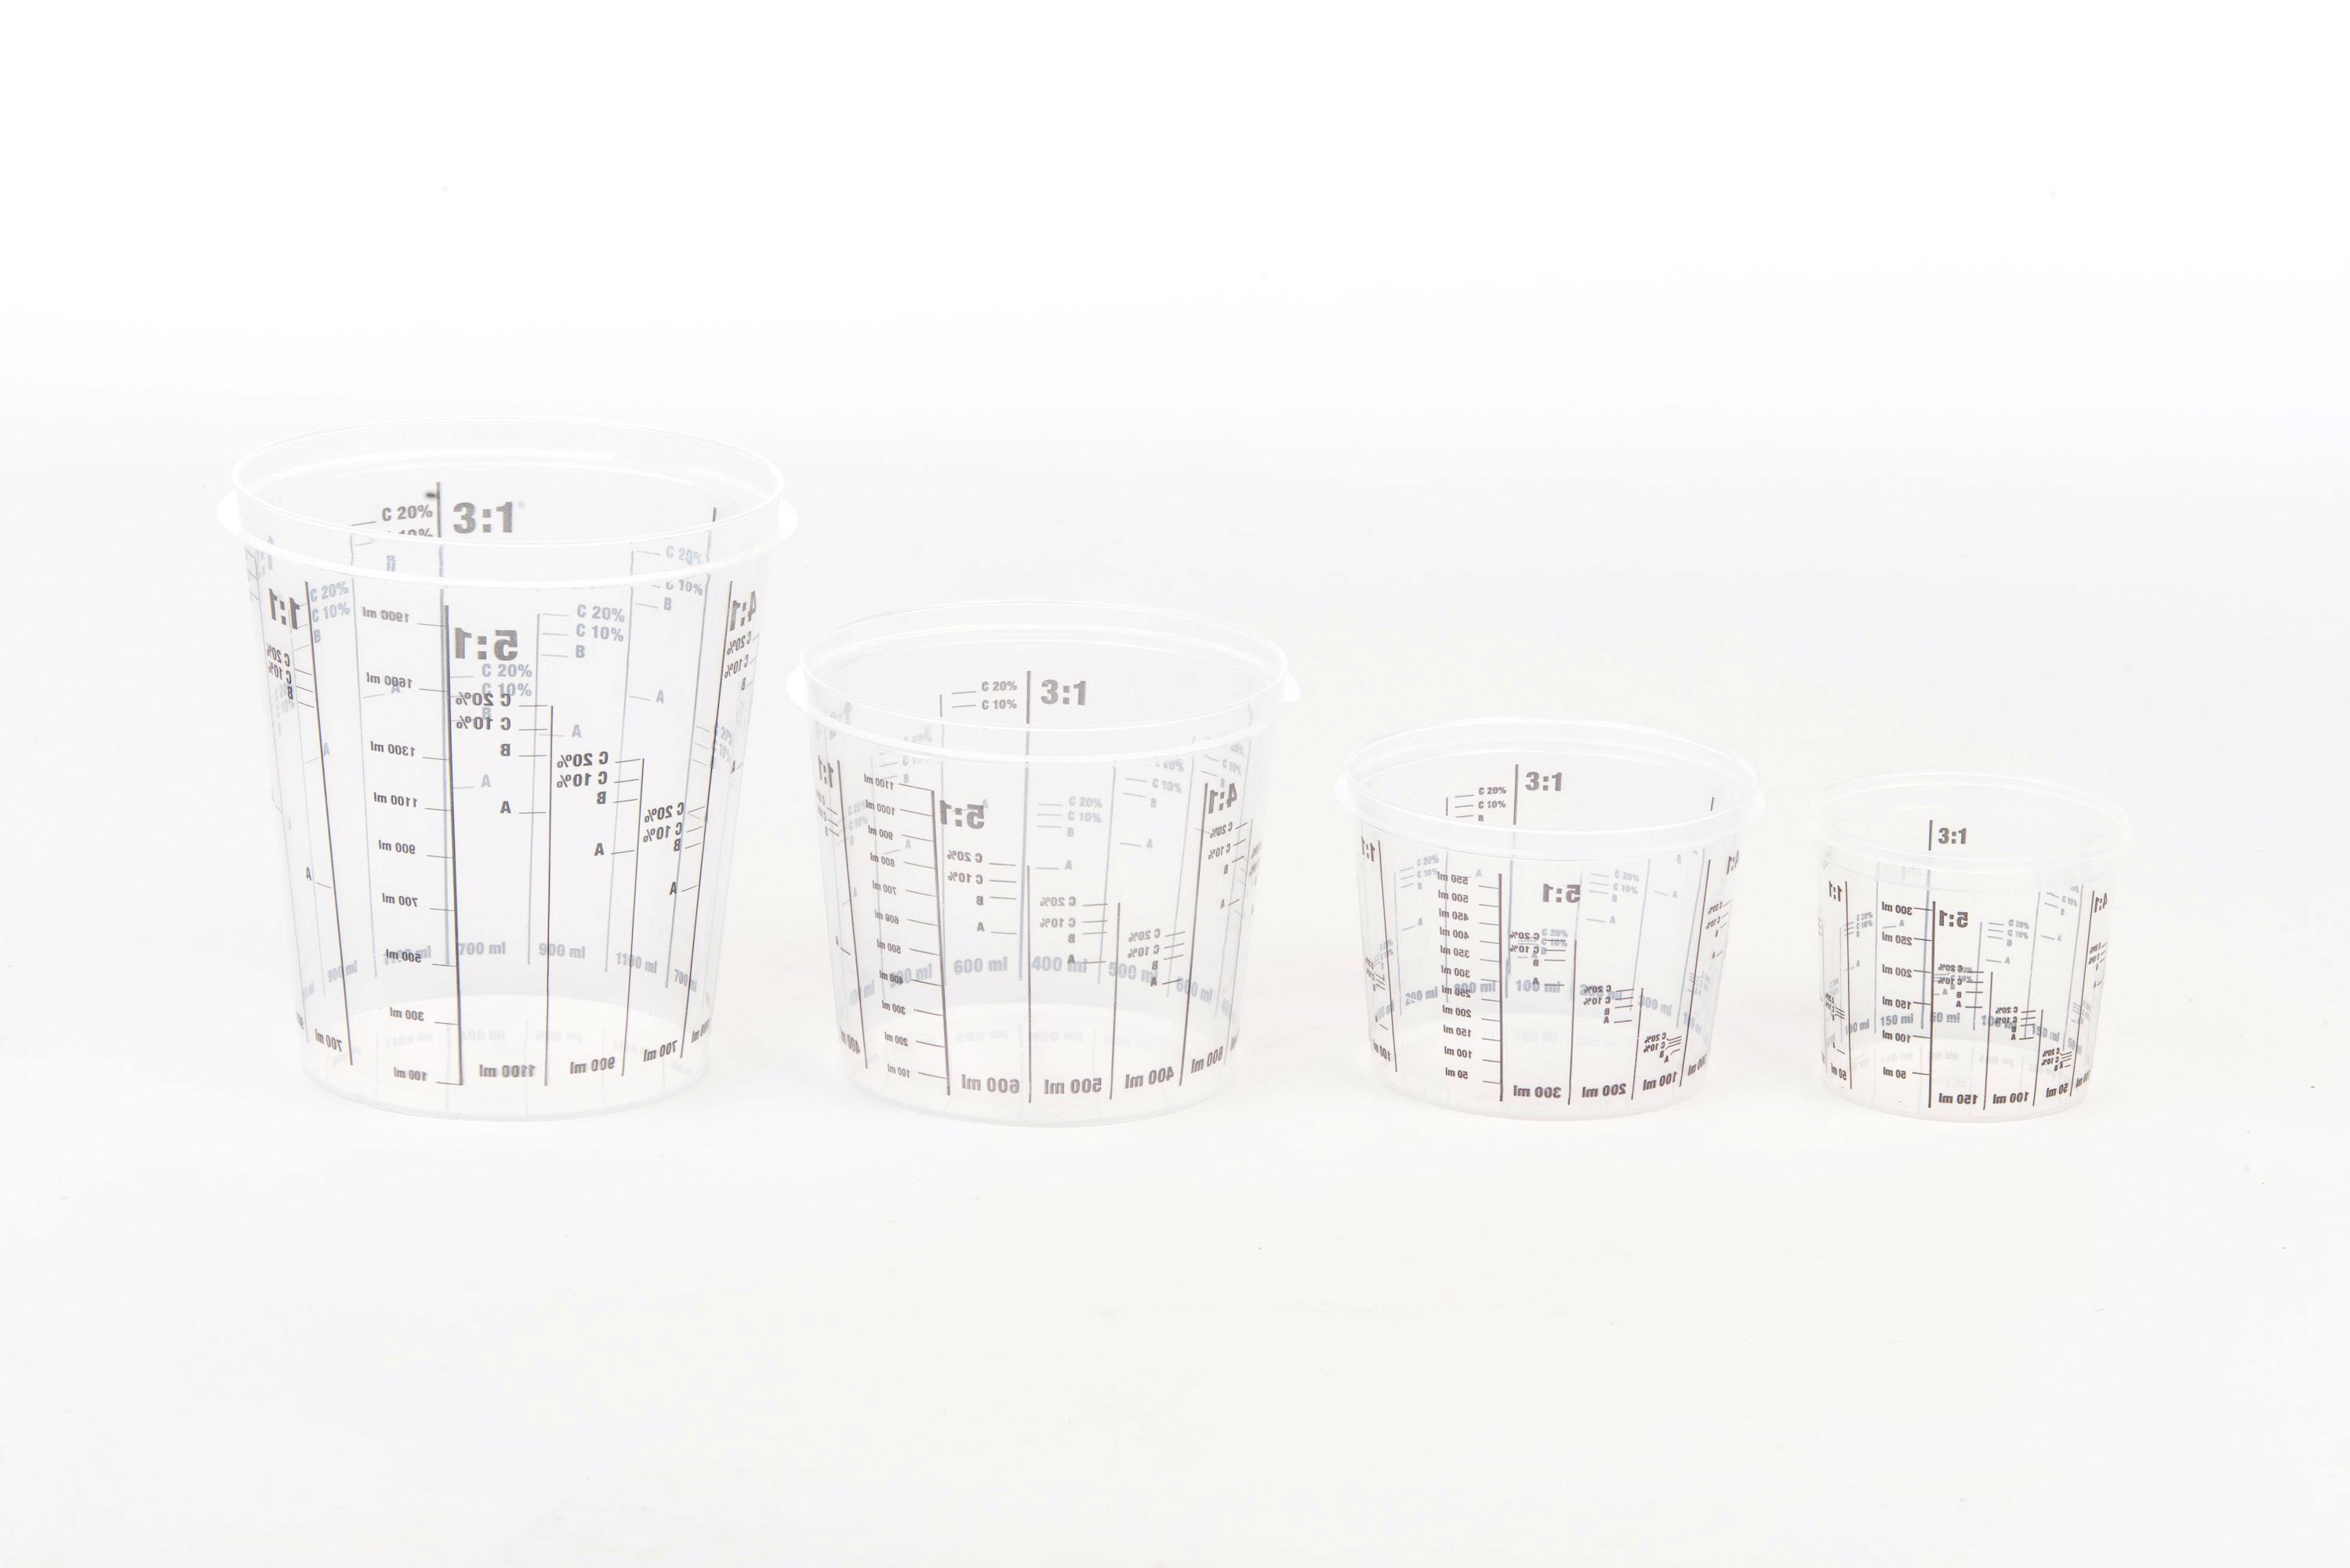 PVC Mischbecher mit Skala 1400 ml 1:1-2:1-3:1-4:1-5:1